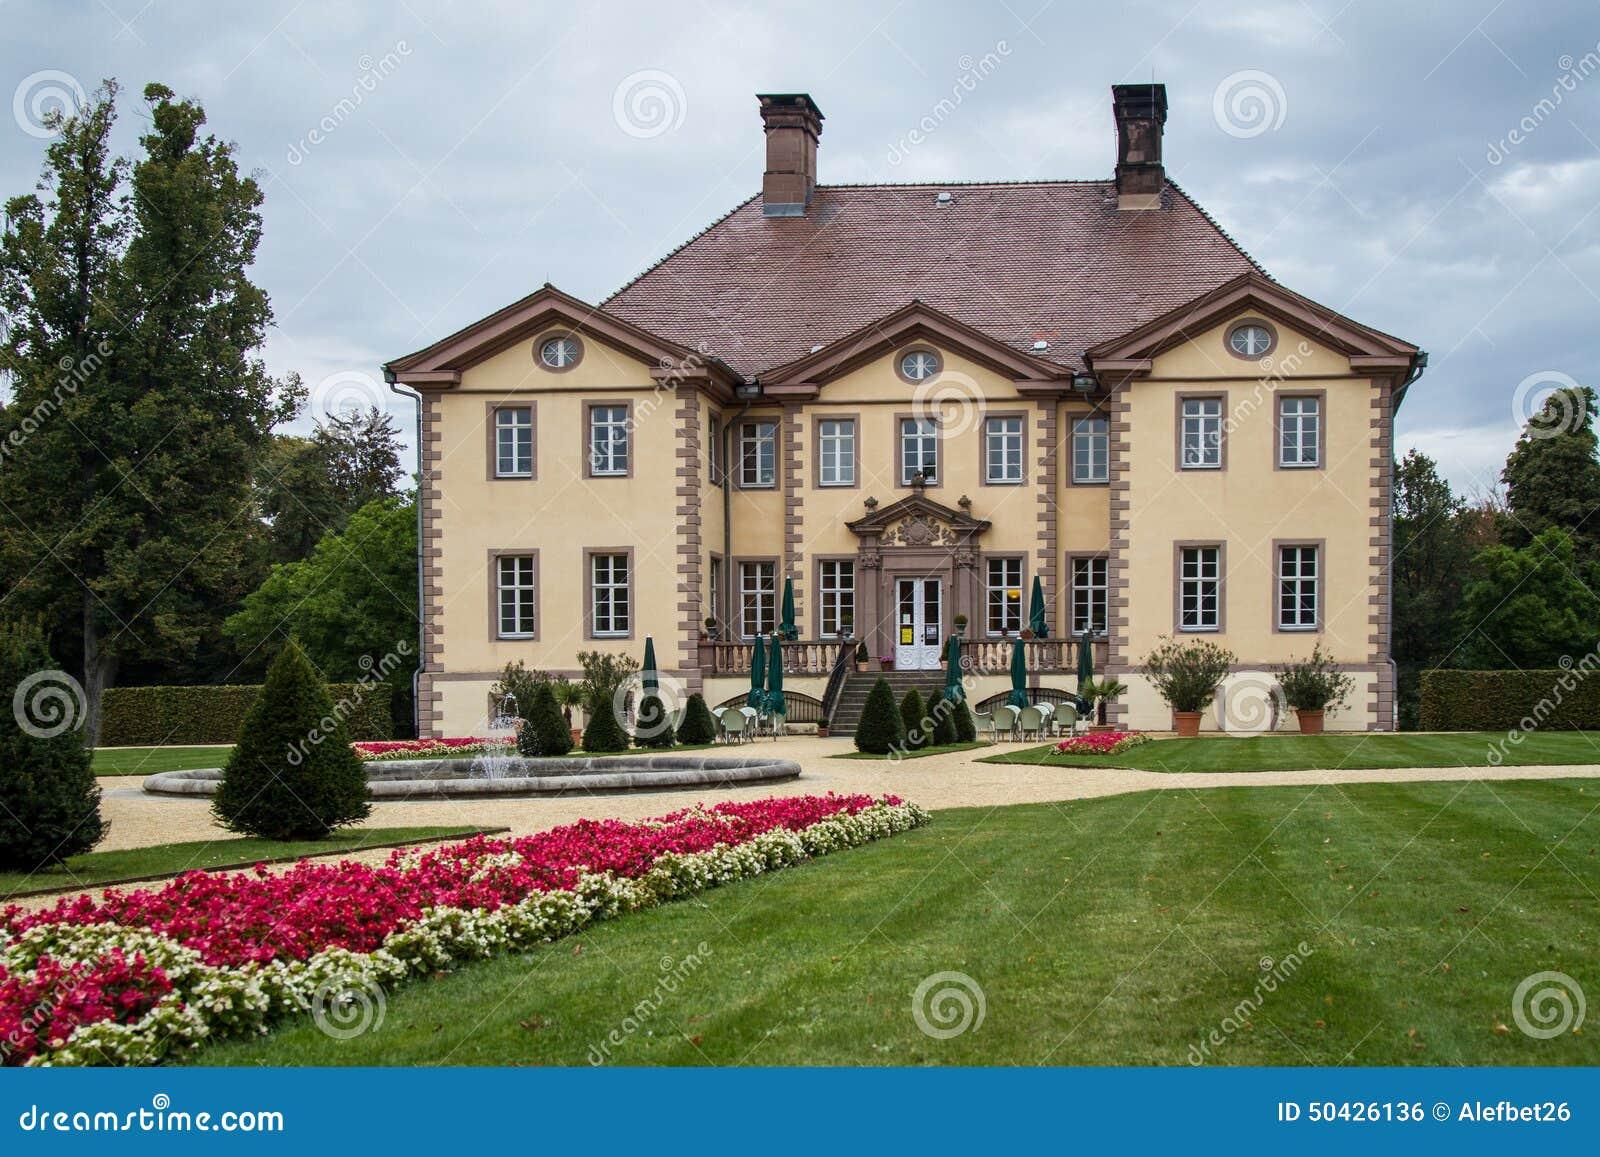 Villa in Deutschland stockfoto. Bild von aufgebaut, blatt - 50426136